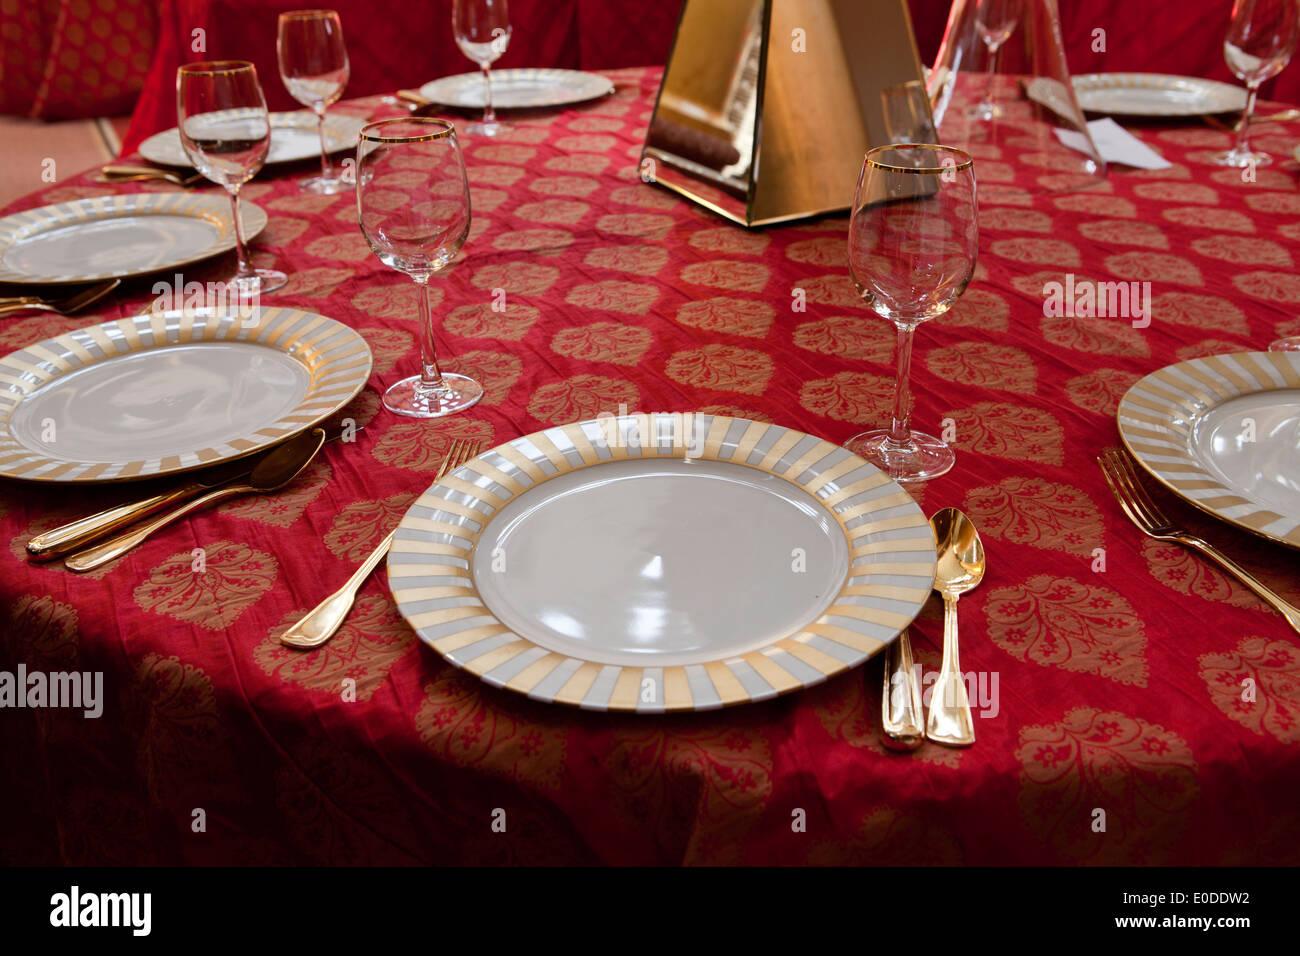 Table à manger en cours de prêts pour une grande soirée Photo Stock